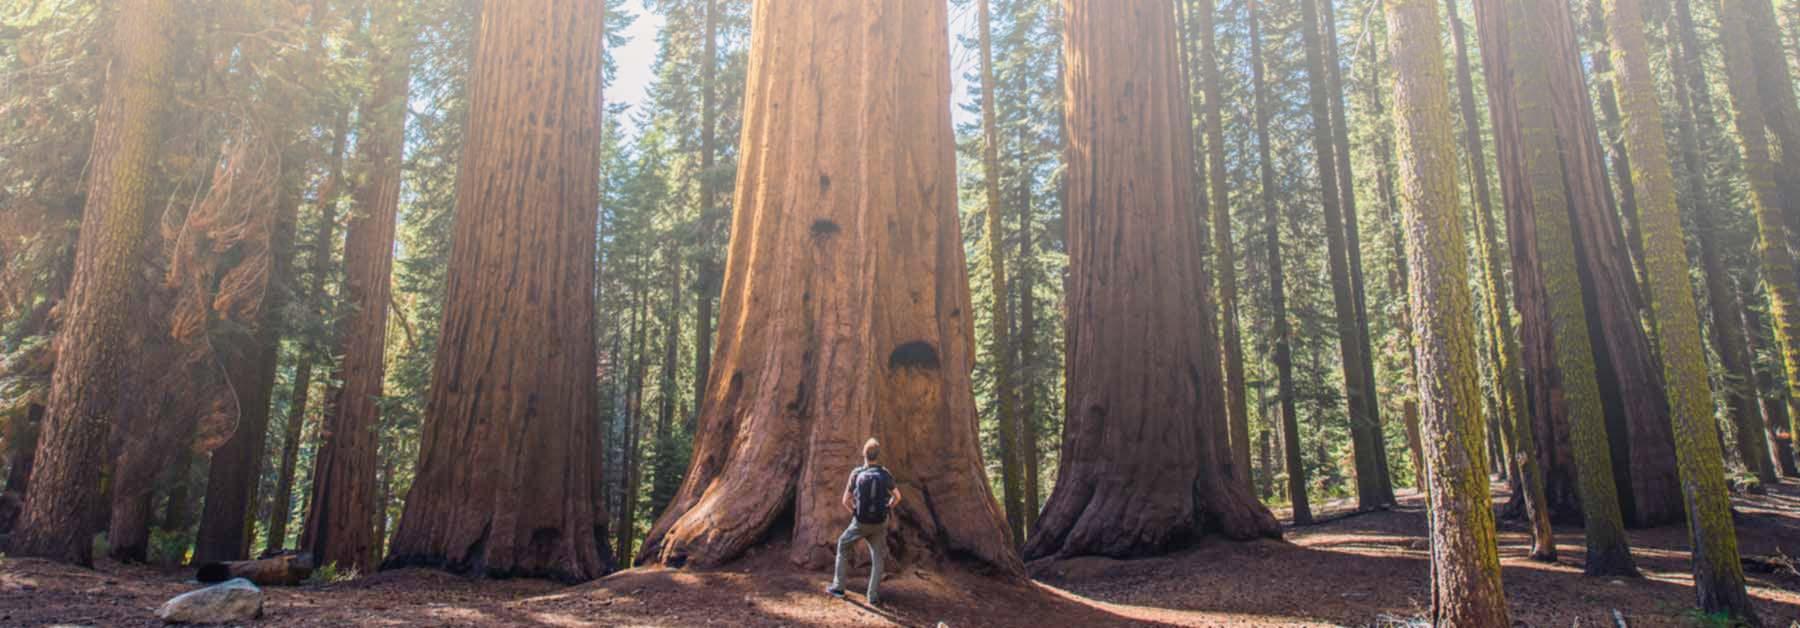 redwood-trees-01-1800x628